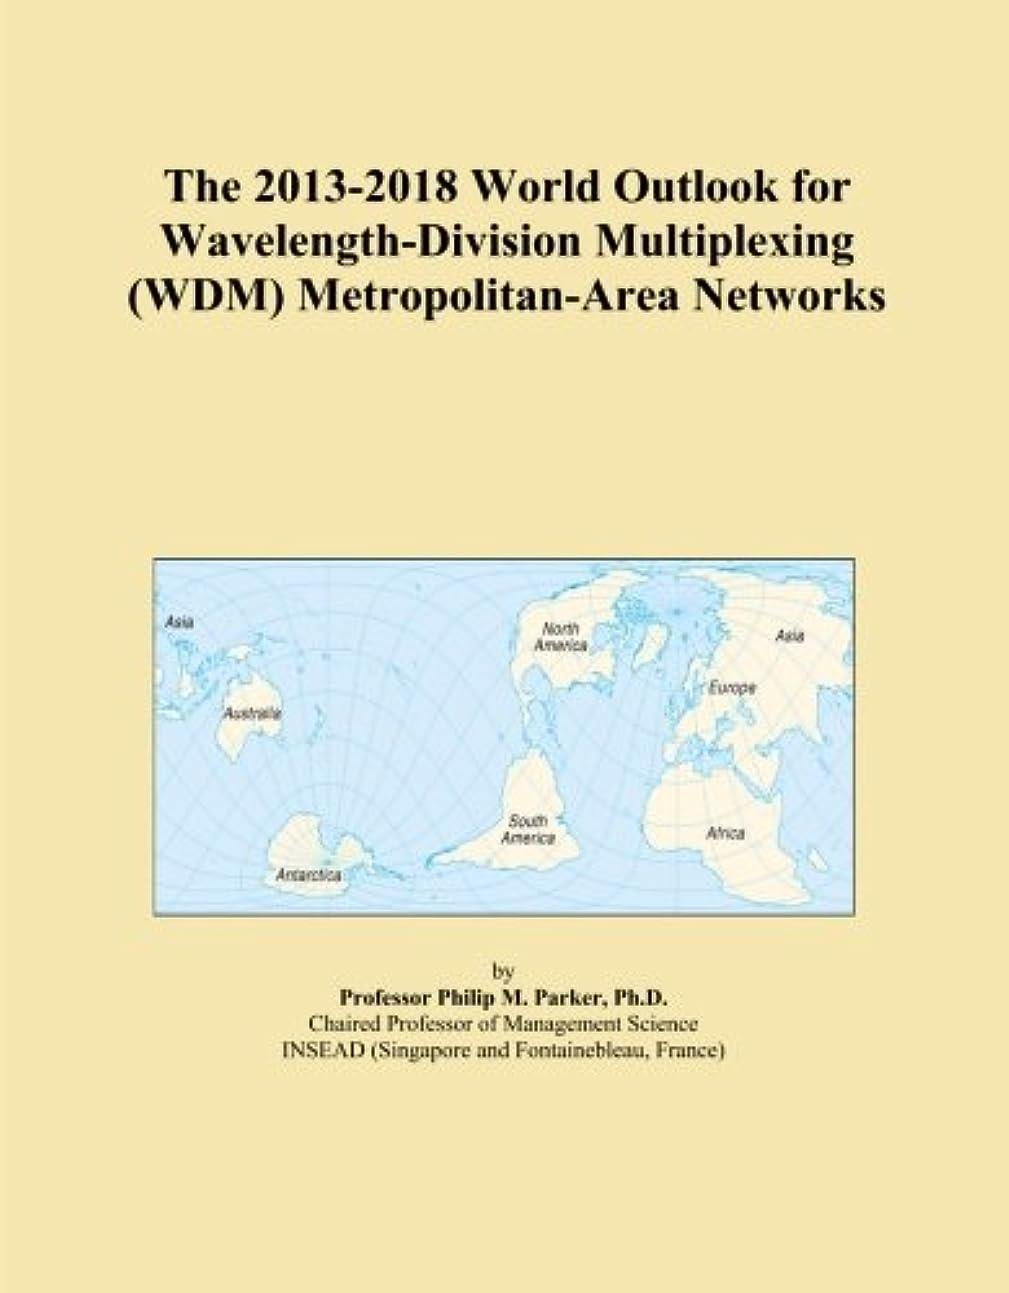 正気ジム予備The 2013-2018 World Outlook for Wavelength-Division Multiplexing (WDM) Metropolitan-Area Networks